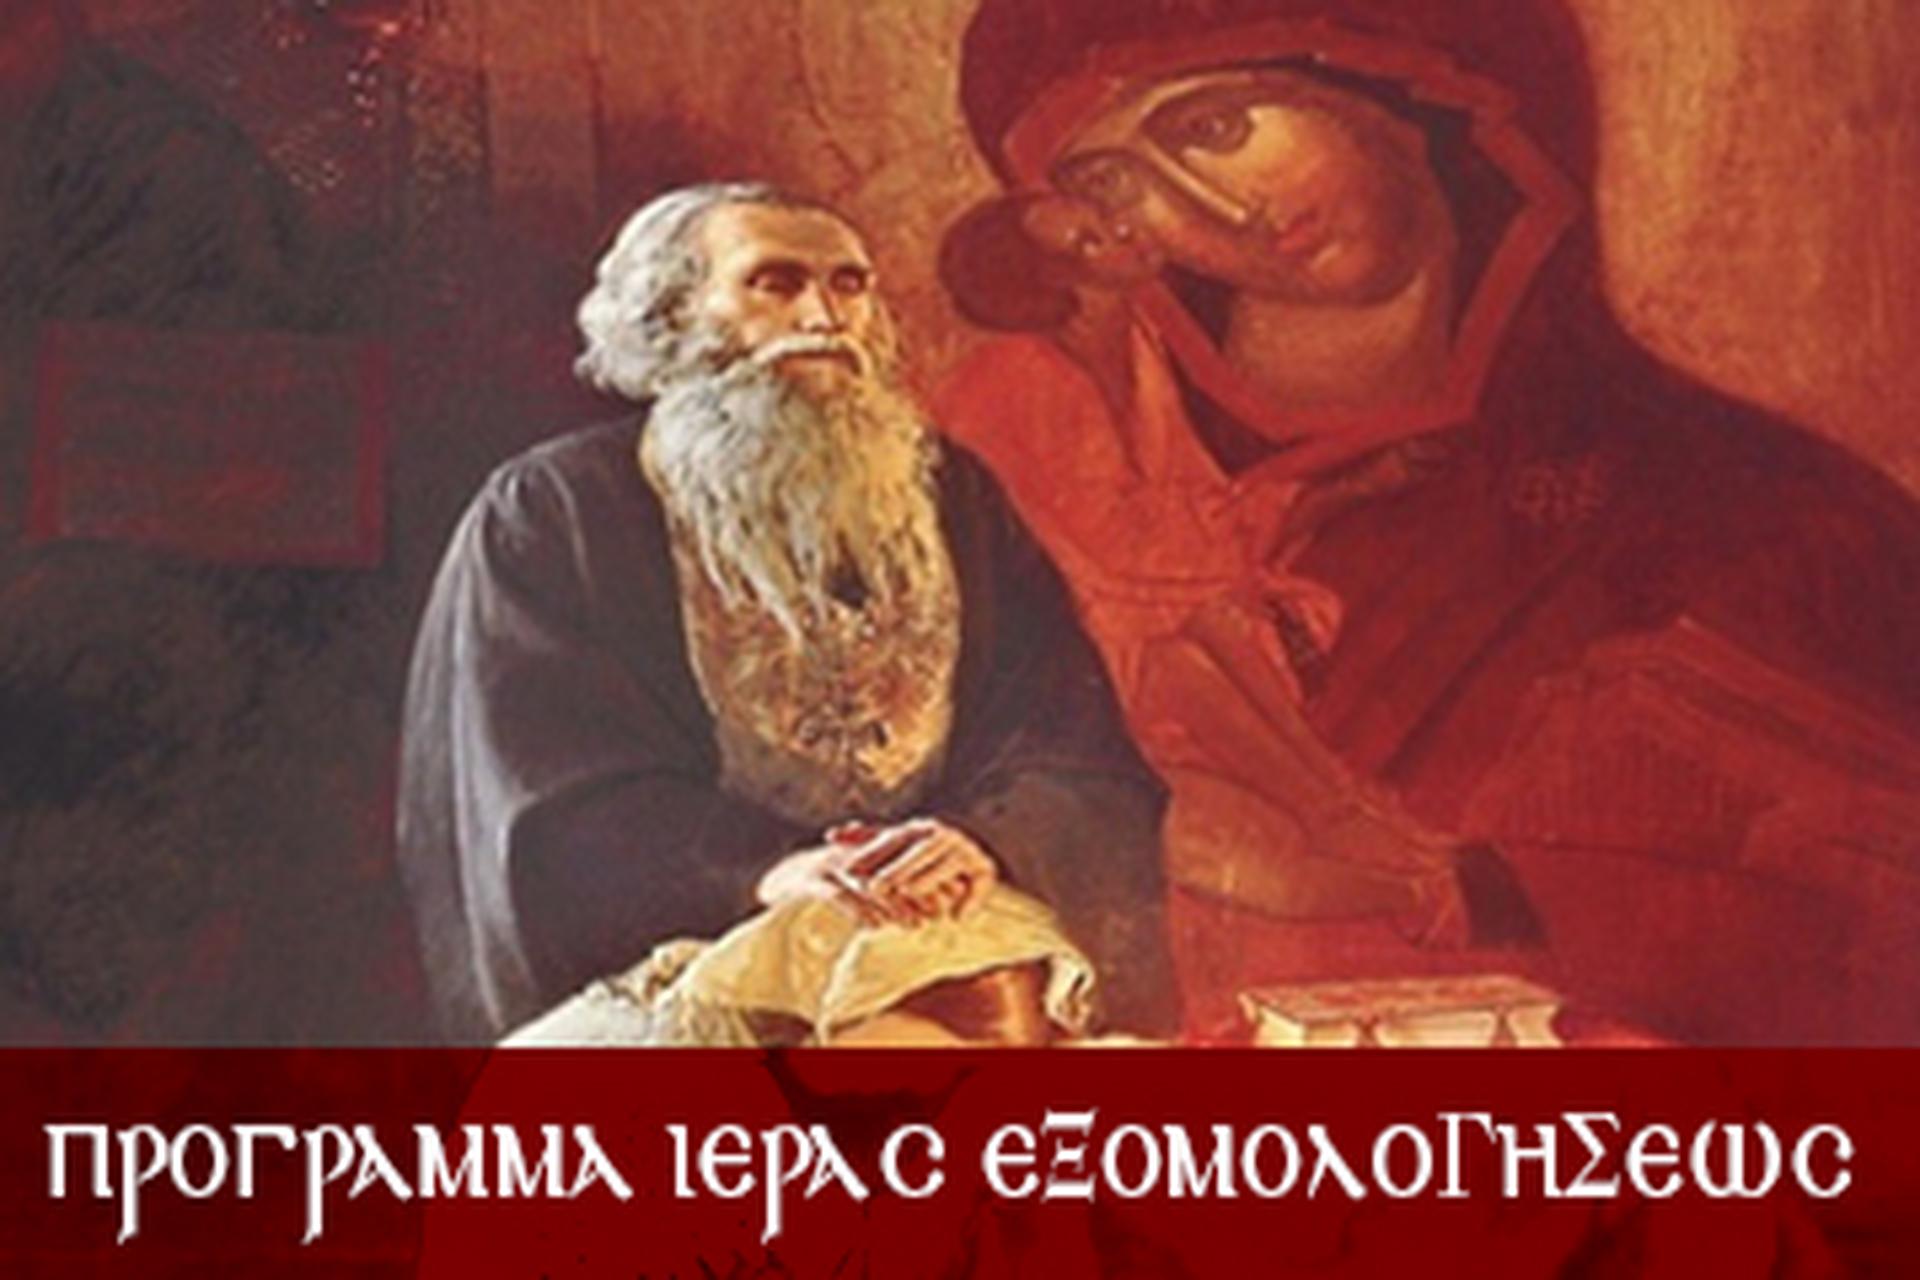 Πρόγραμμα Ιεράς Εξομολογήσεως